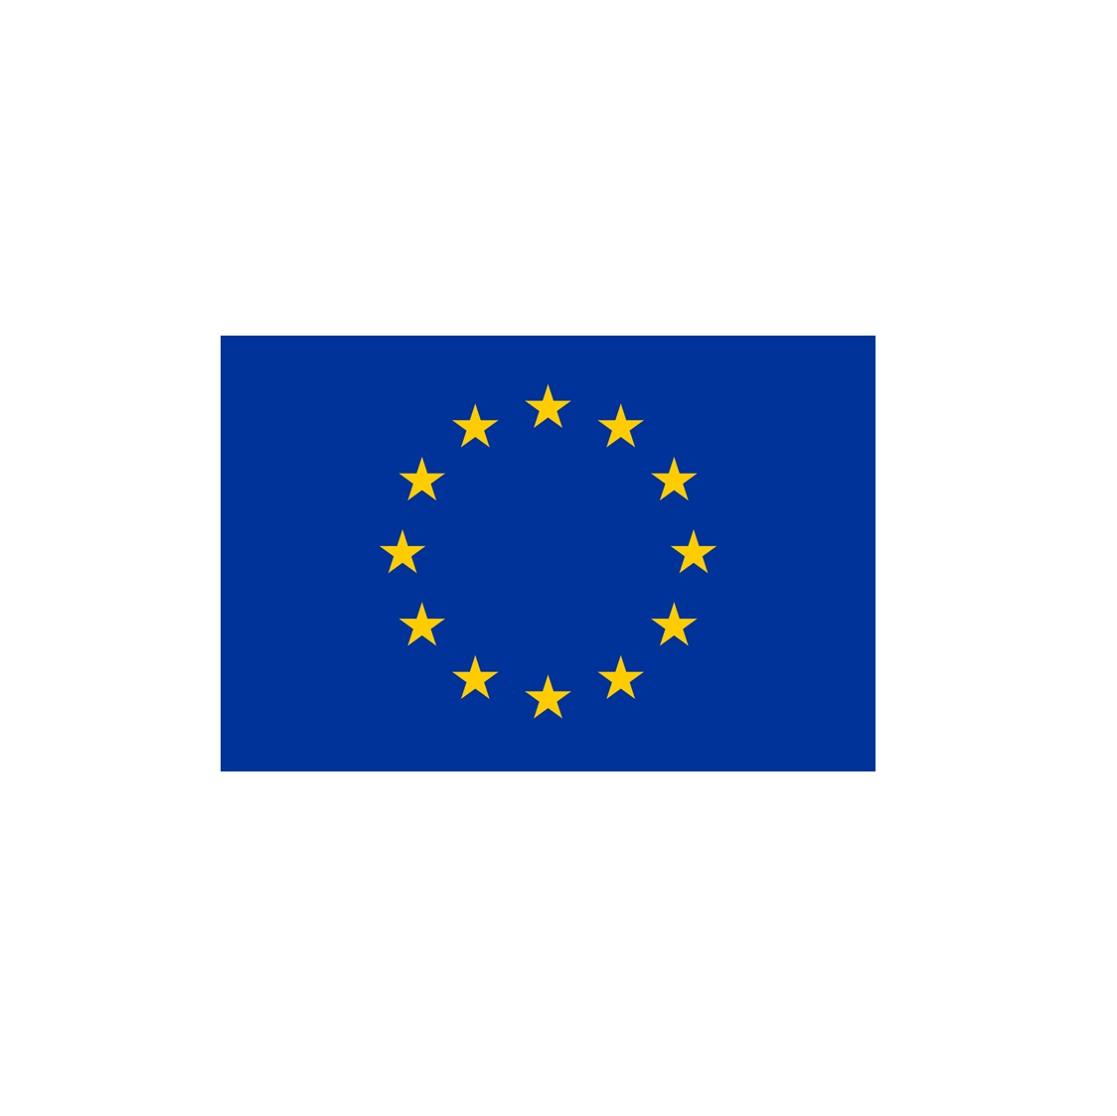 CS_RI_1_EU-q(4).jpg